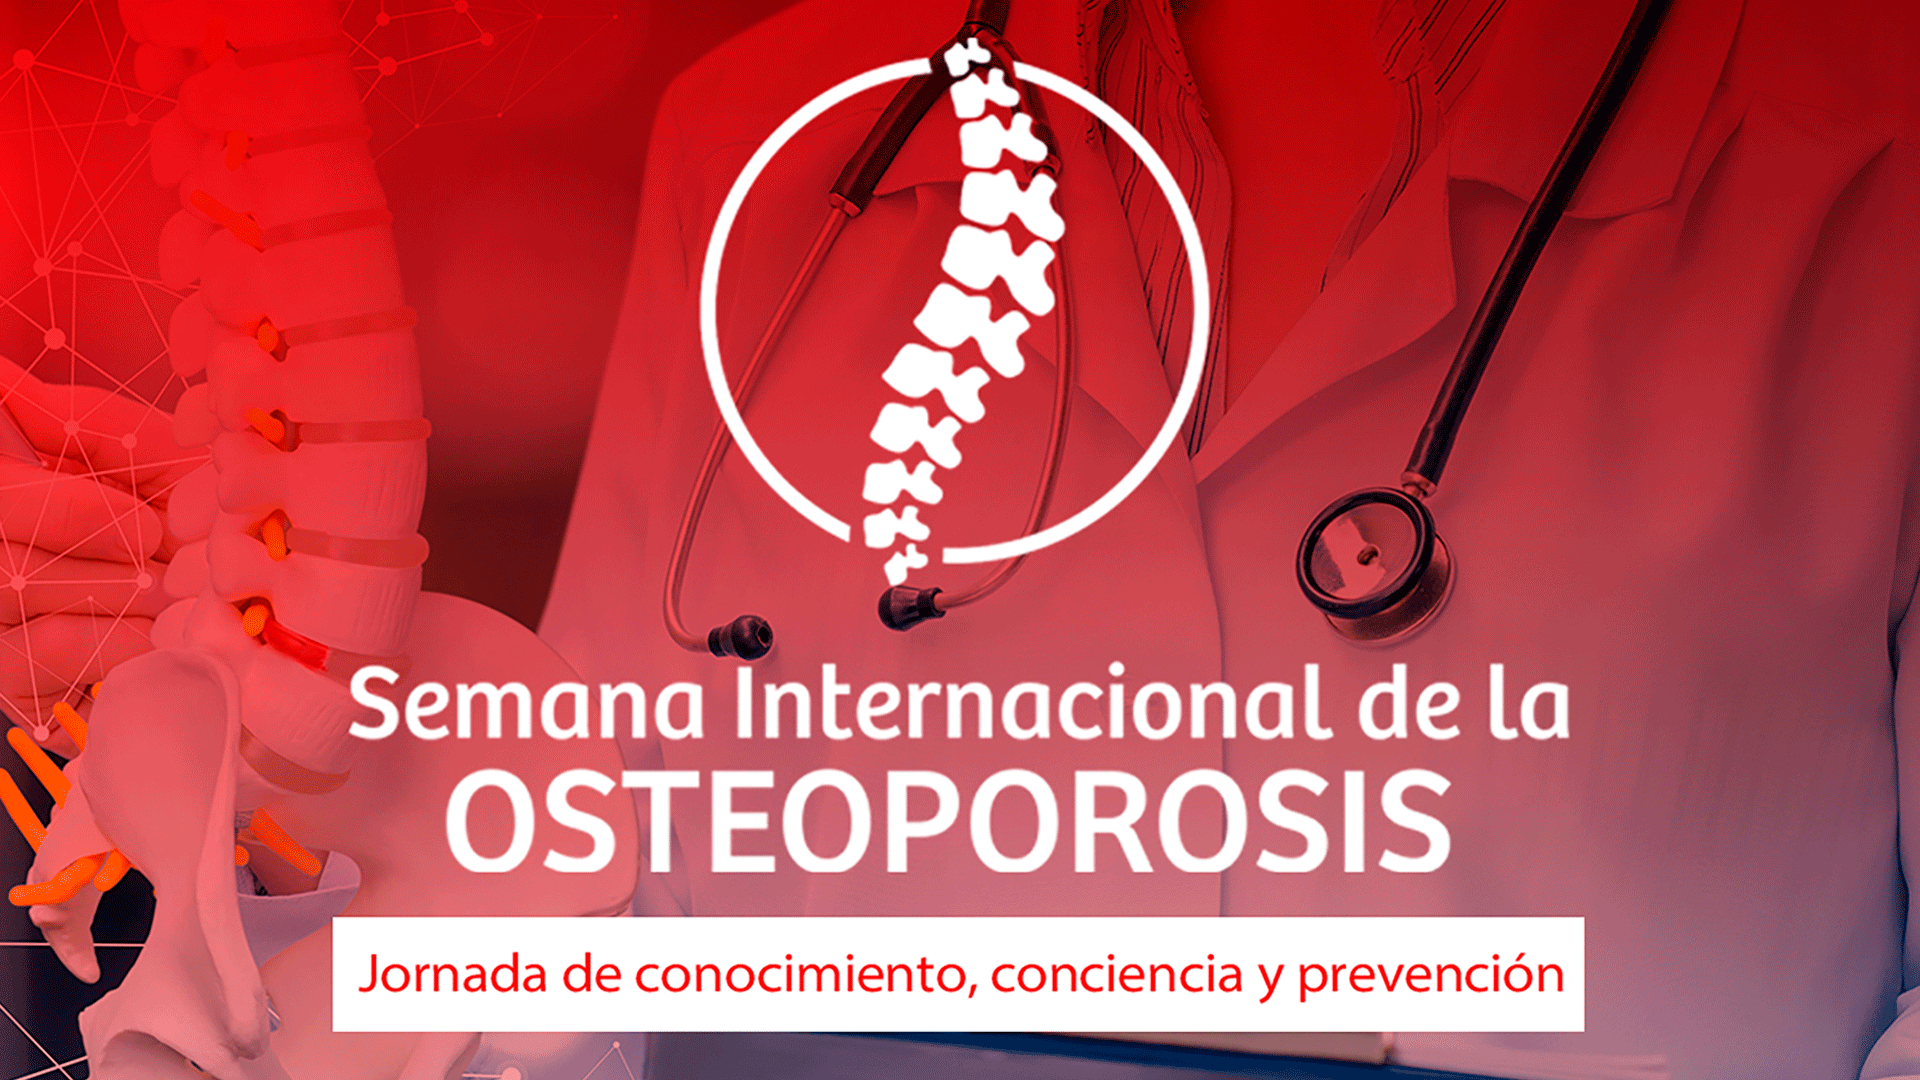 Semana Internacional de la Osteoporosis